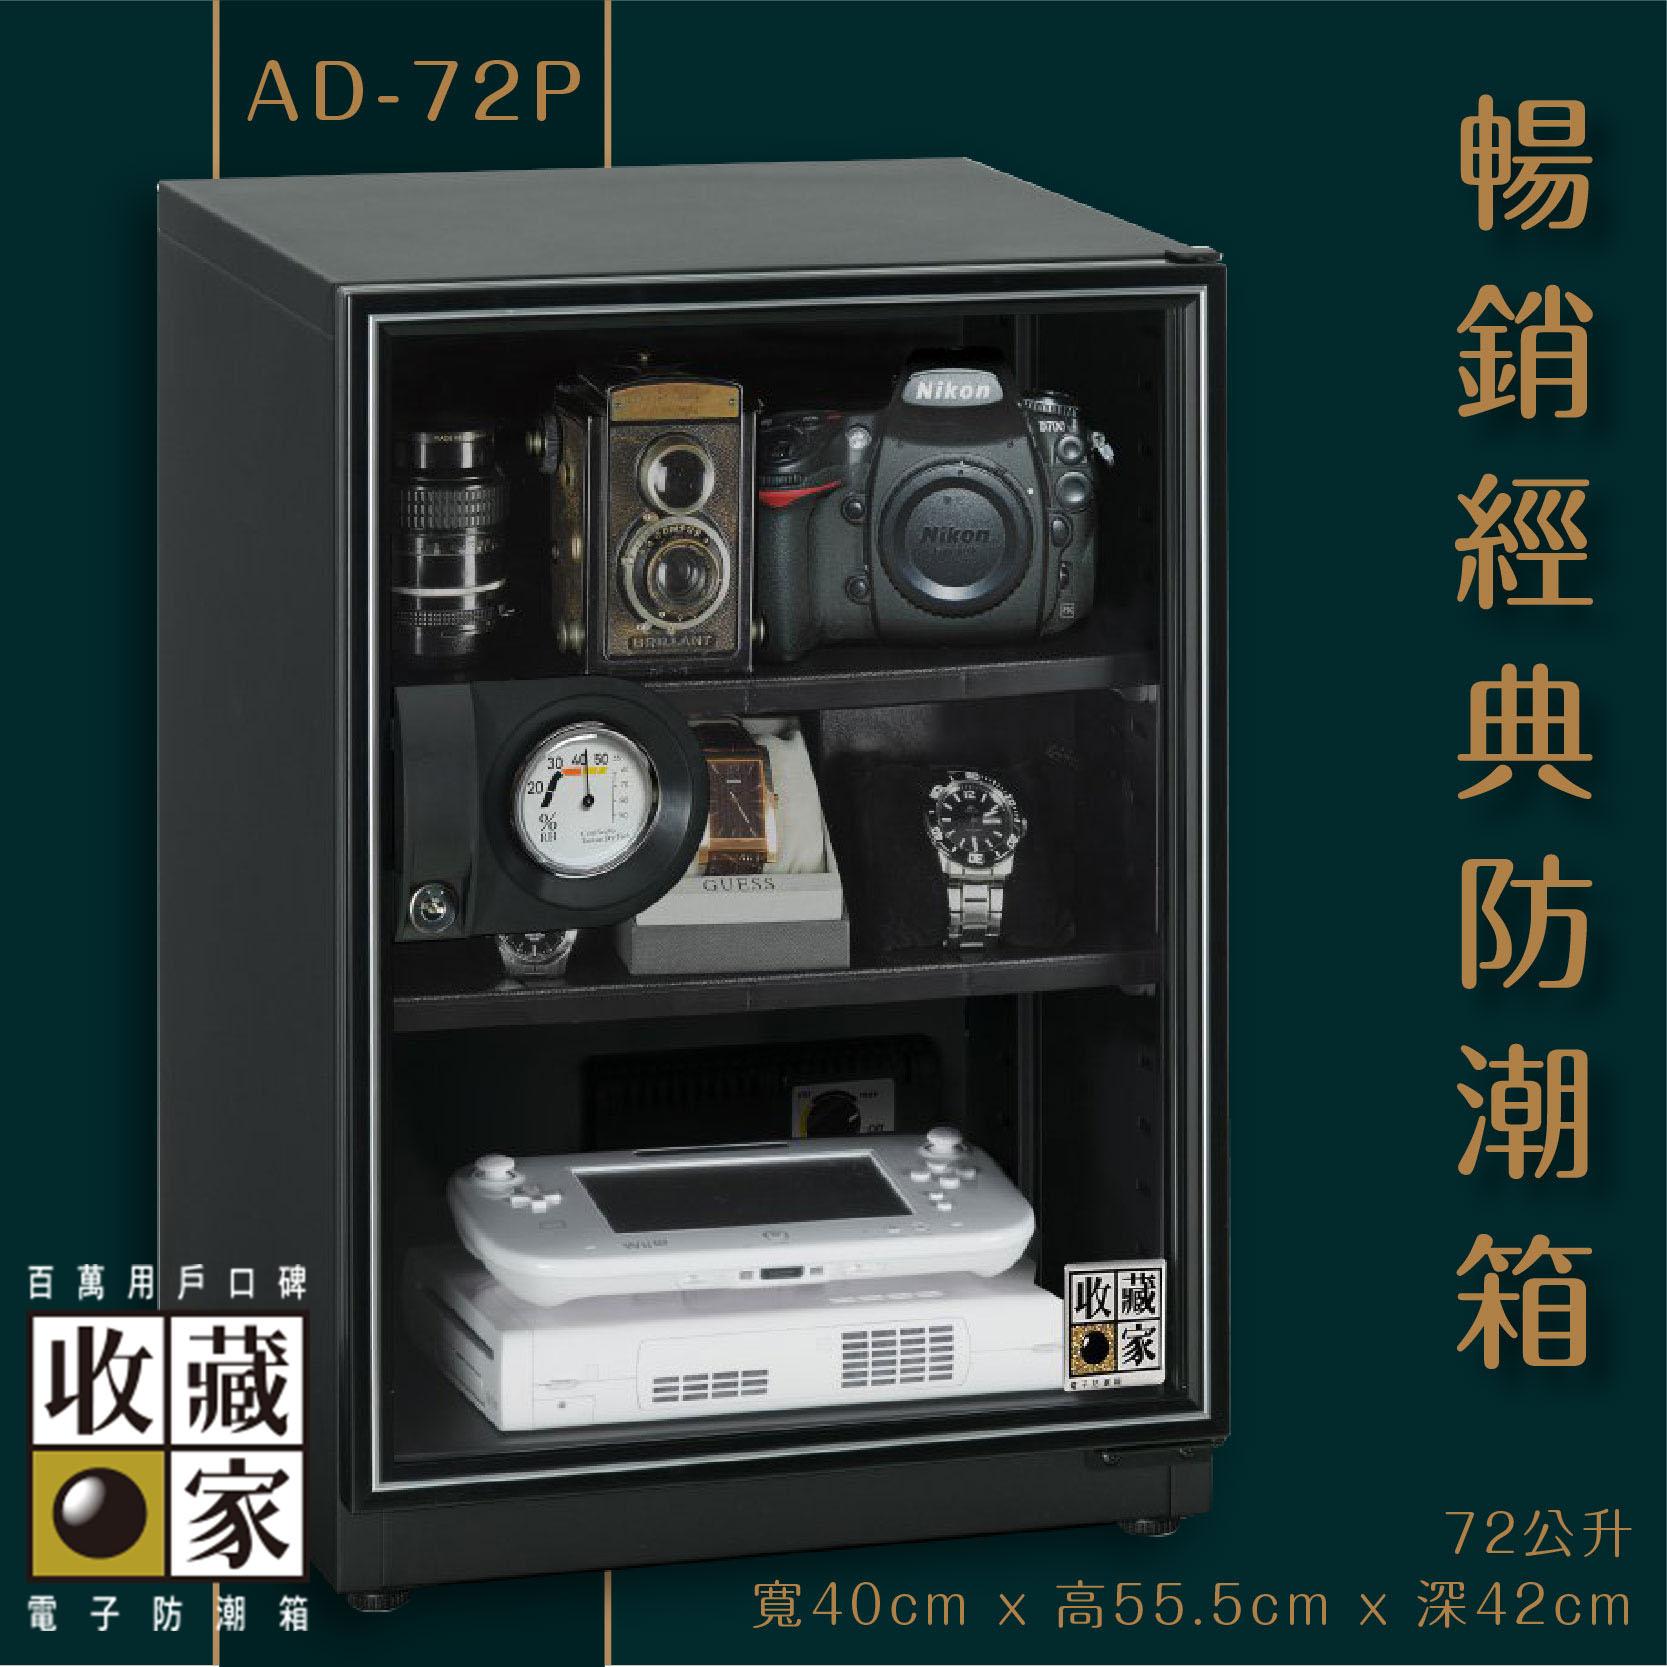 收藏家 AD-72P 暢銷經典防潮箱 72公升入門款 相機數位電子保存 相機 鏡頭 手錶精品 數位3C 主機五年保固